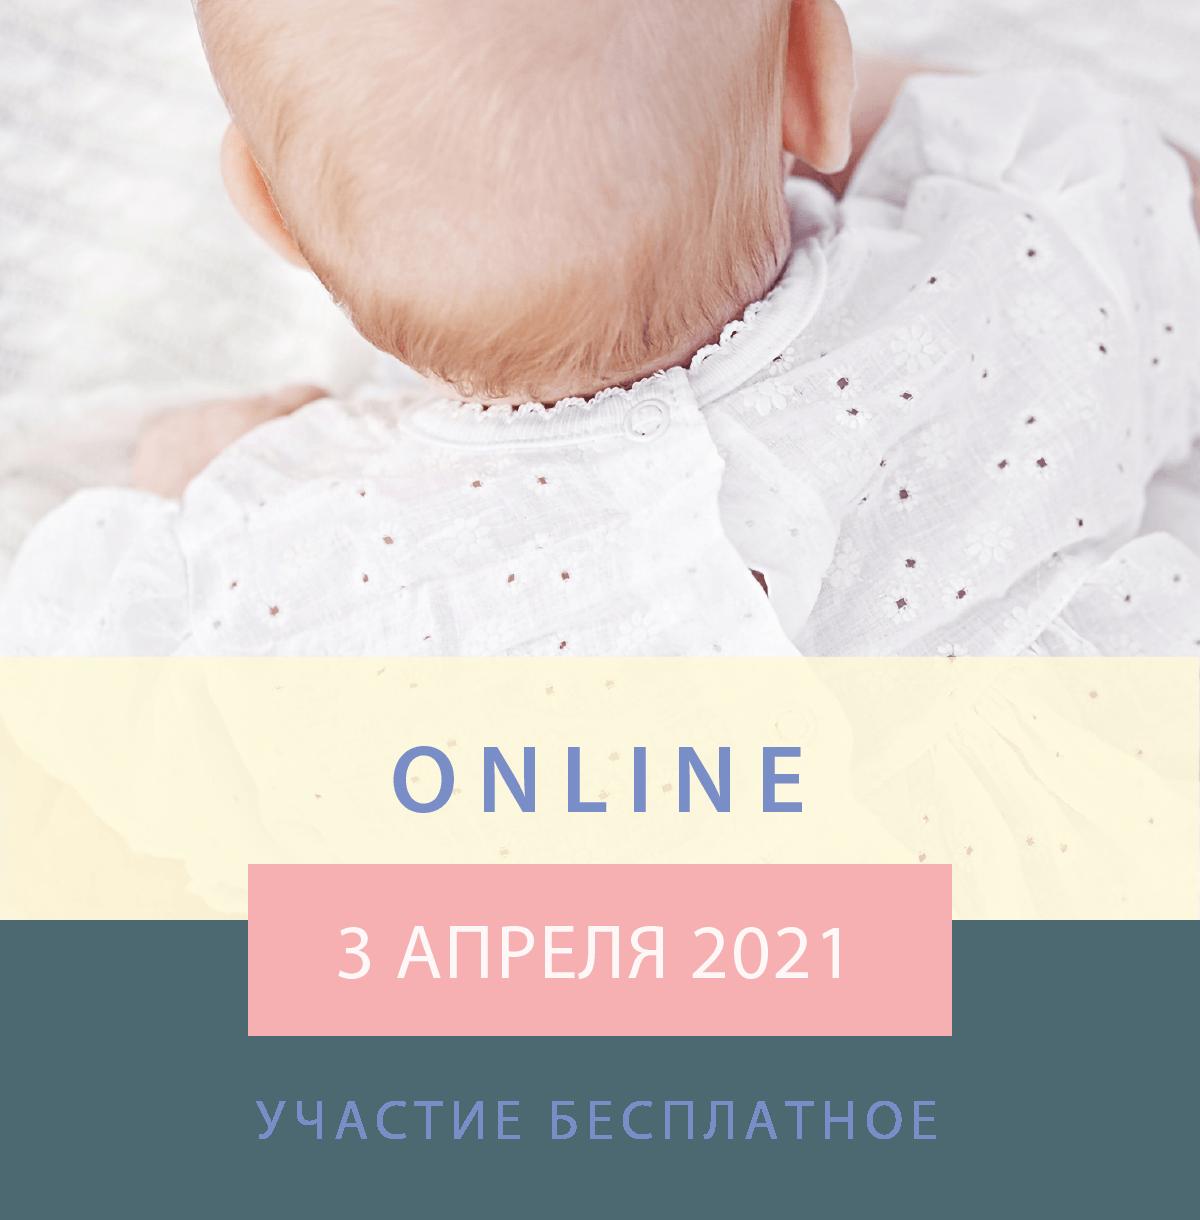 Современные подходы к репродуктивным технологиям Онлайн. 03.04.2021